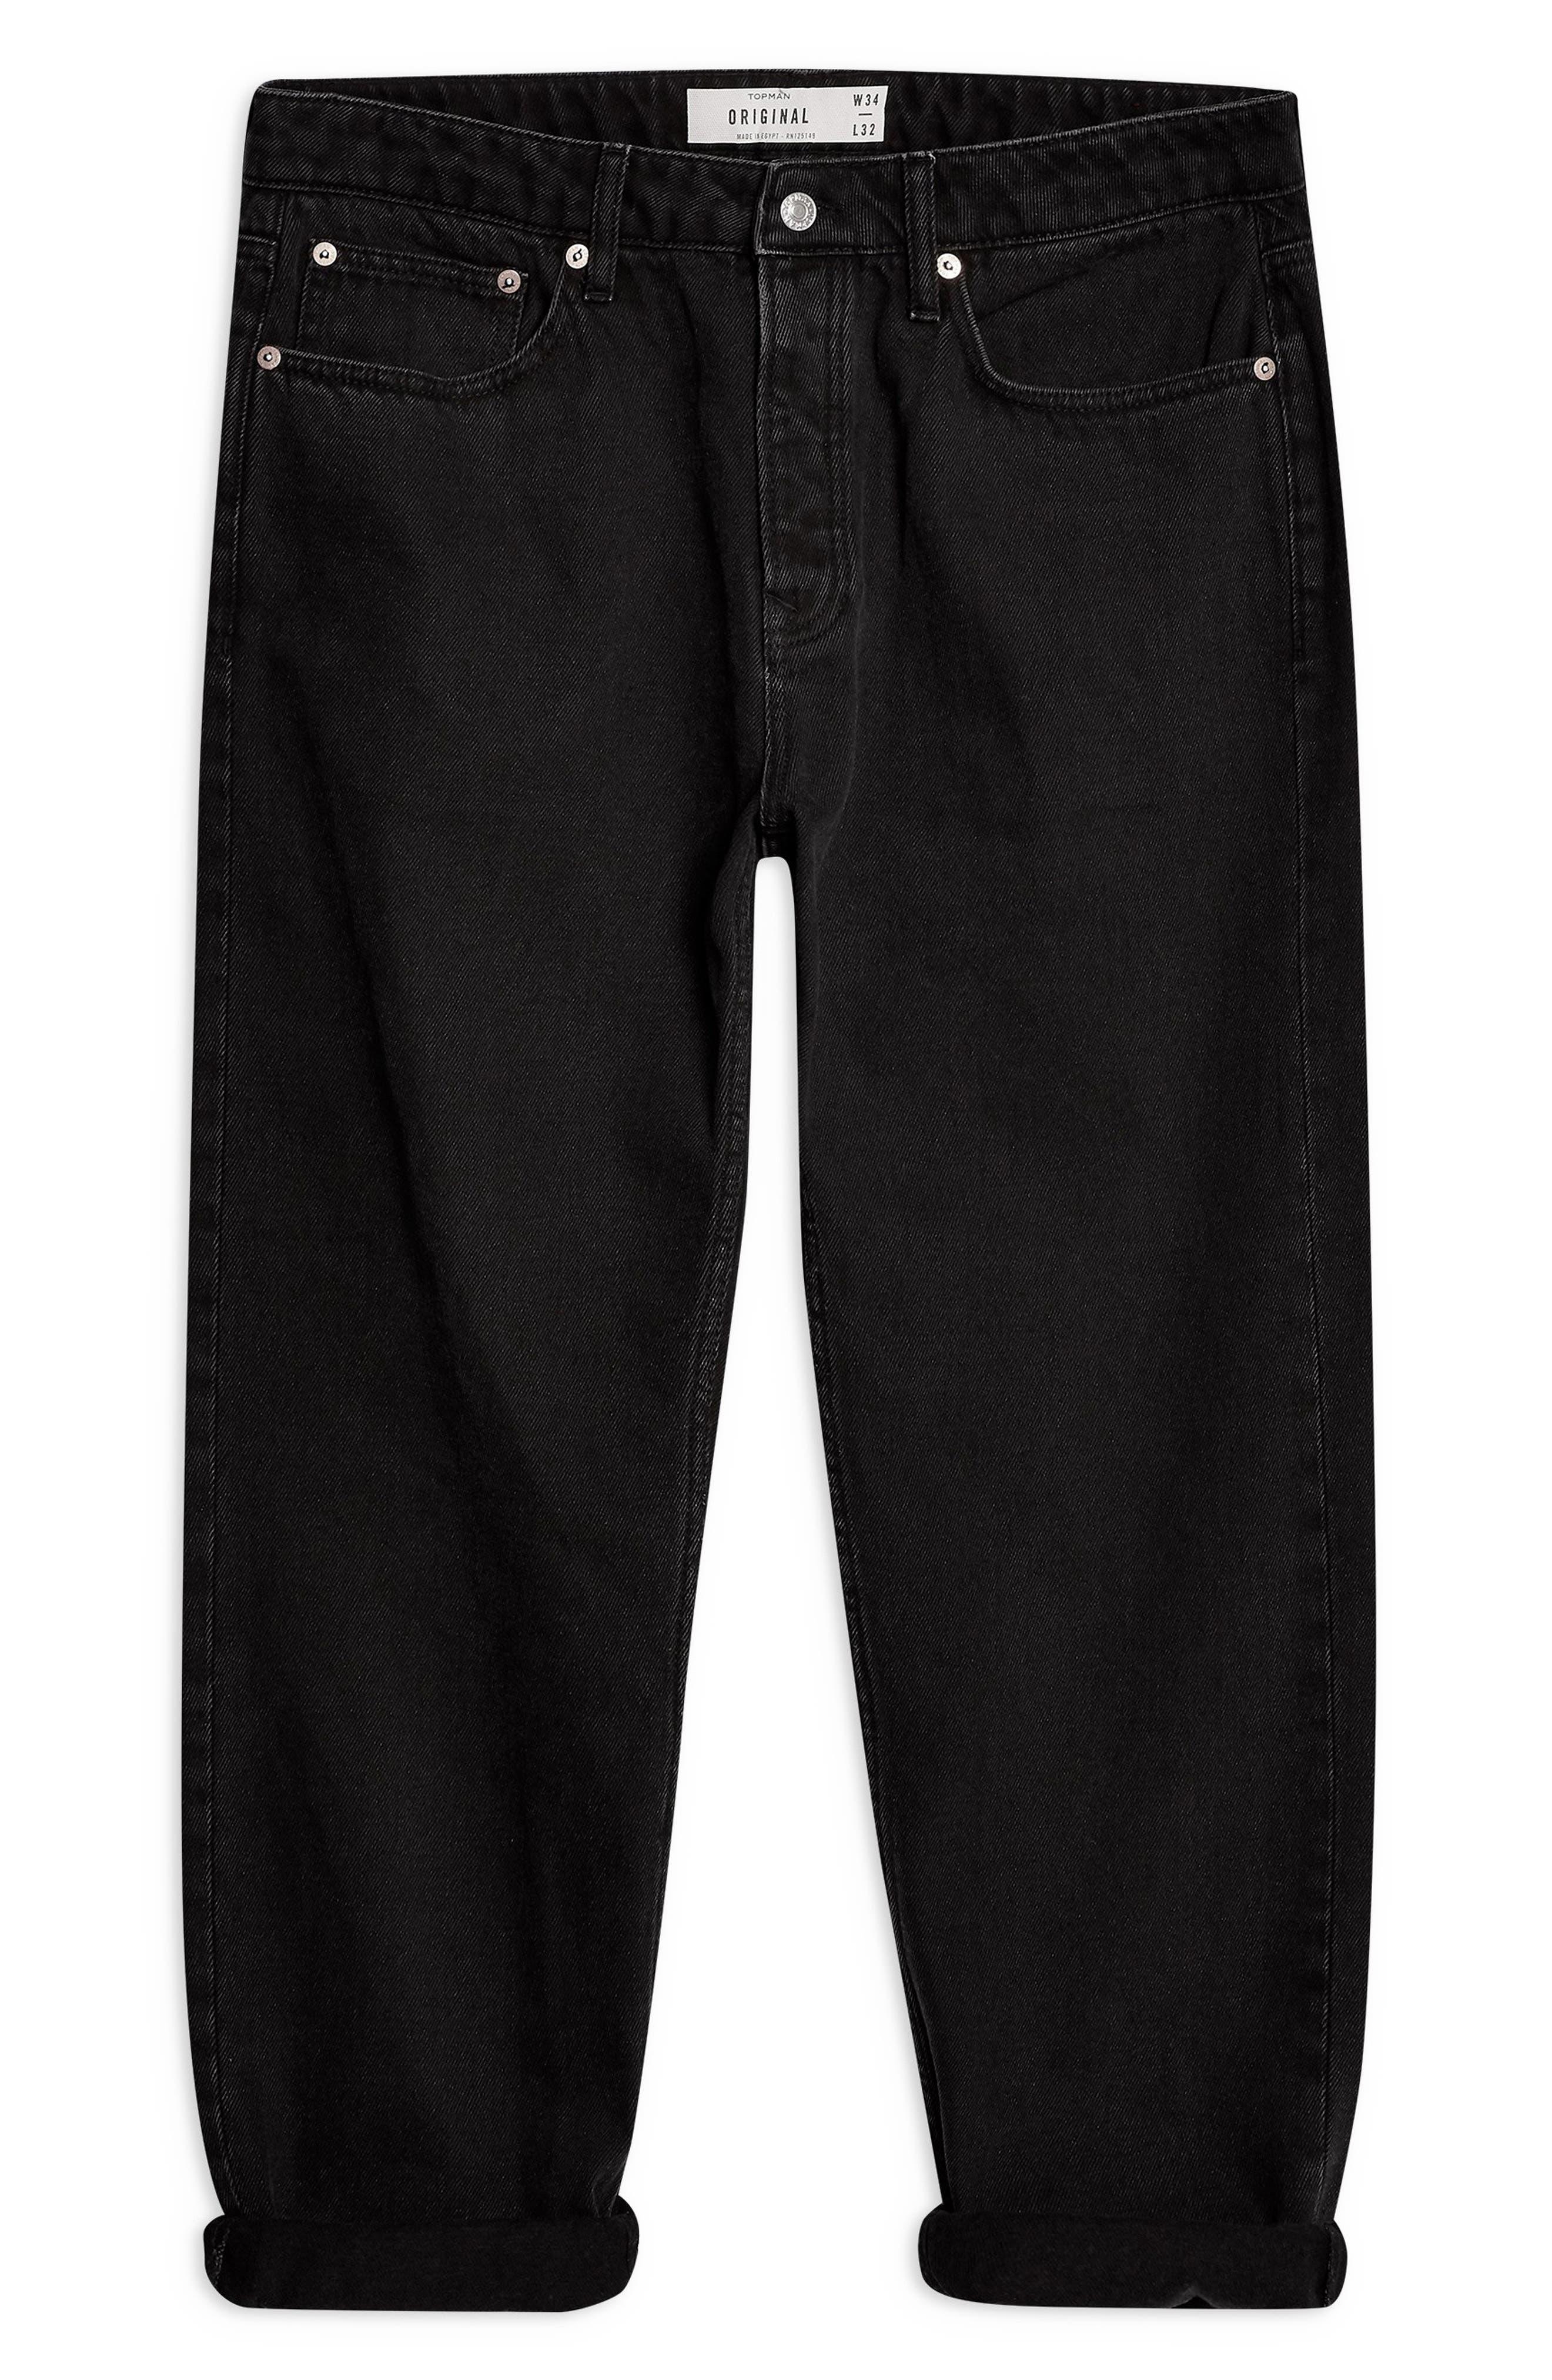 TOPMAN, Larry Original Fit Jeans, Alternate thumbnail 3, color, BLACK